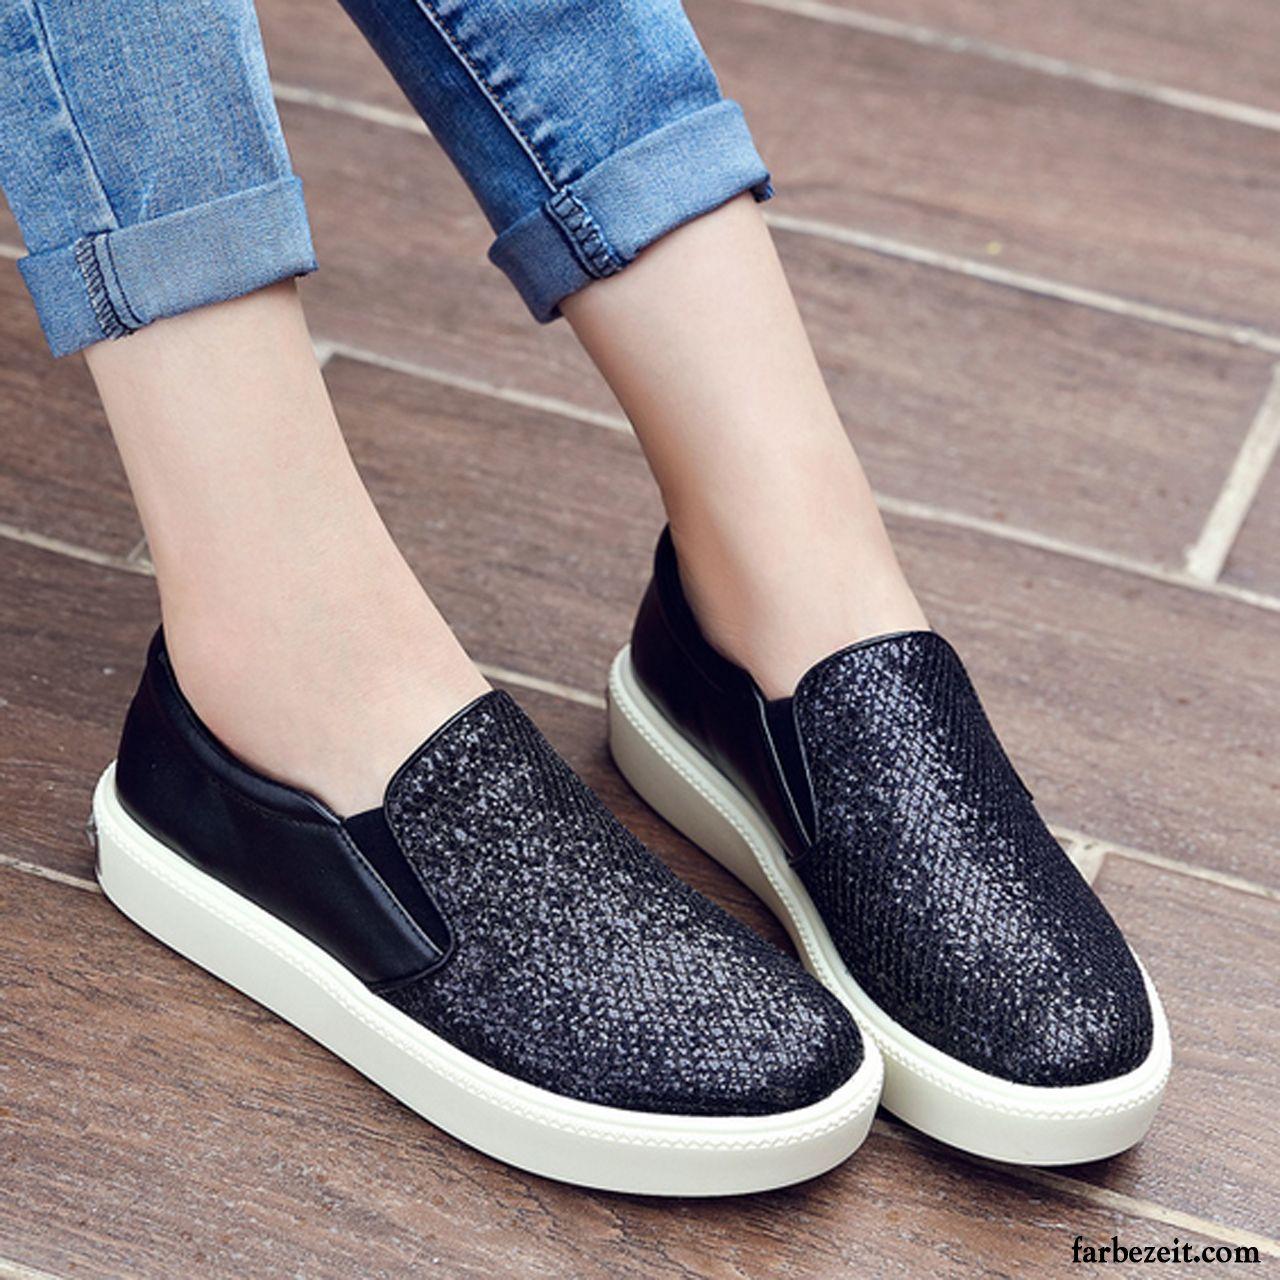 Farbe Zeit | Günstige Schuhe Damen Online Kaufen Seite 23